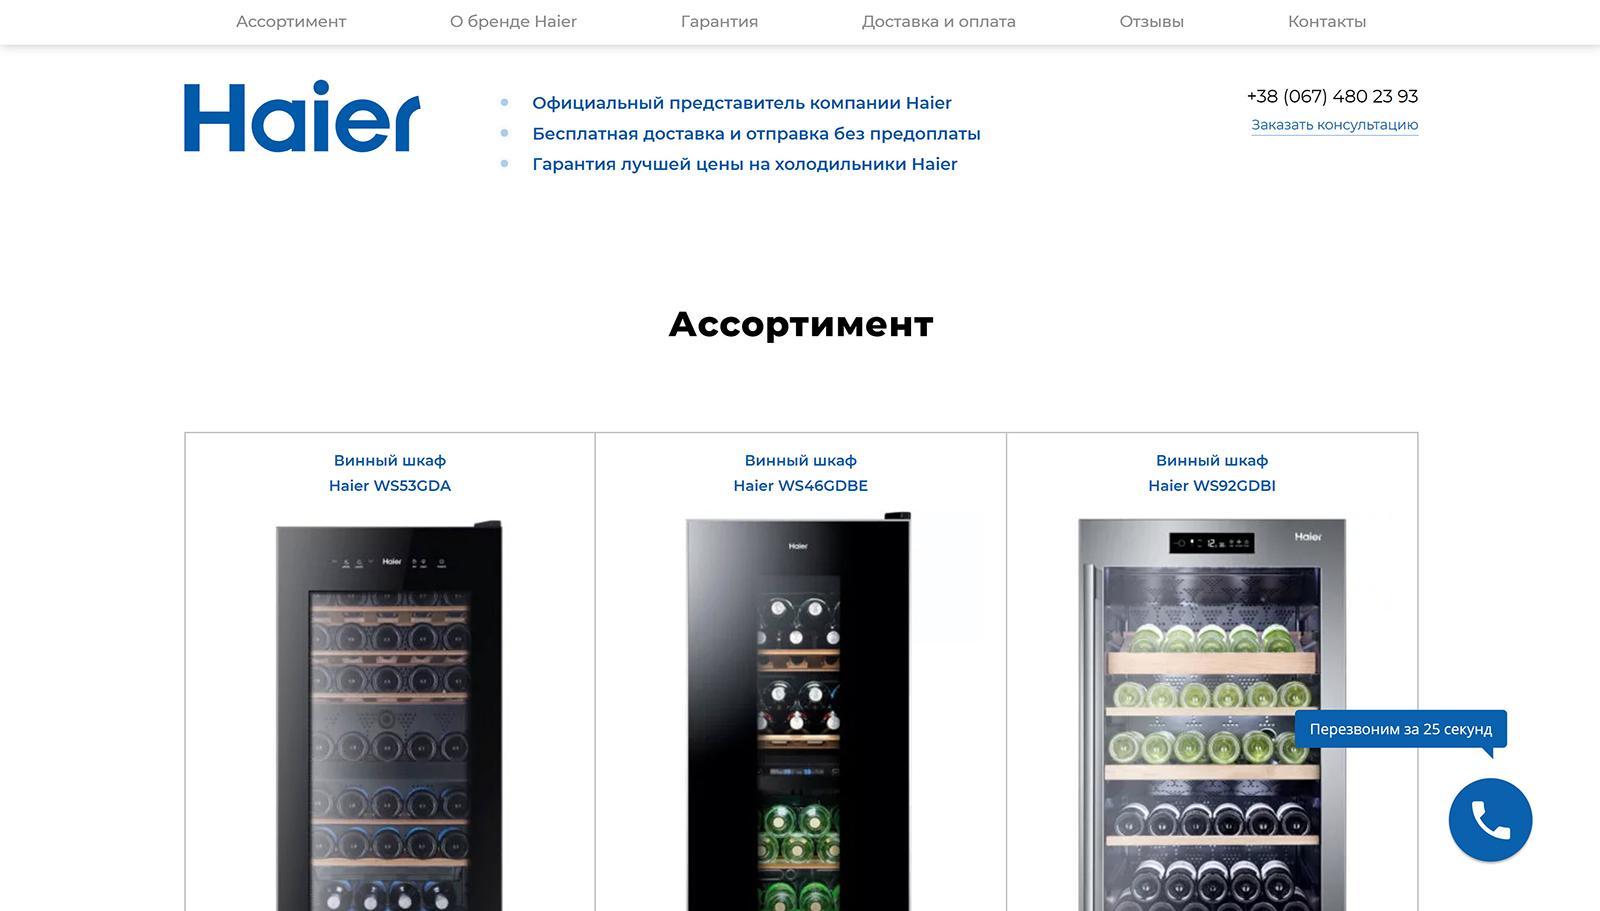 Холодильники Haier — официальный представитель компании Haier